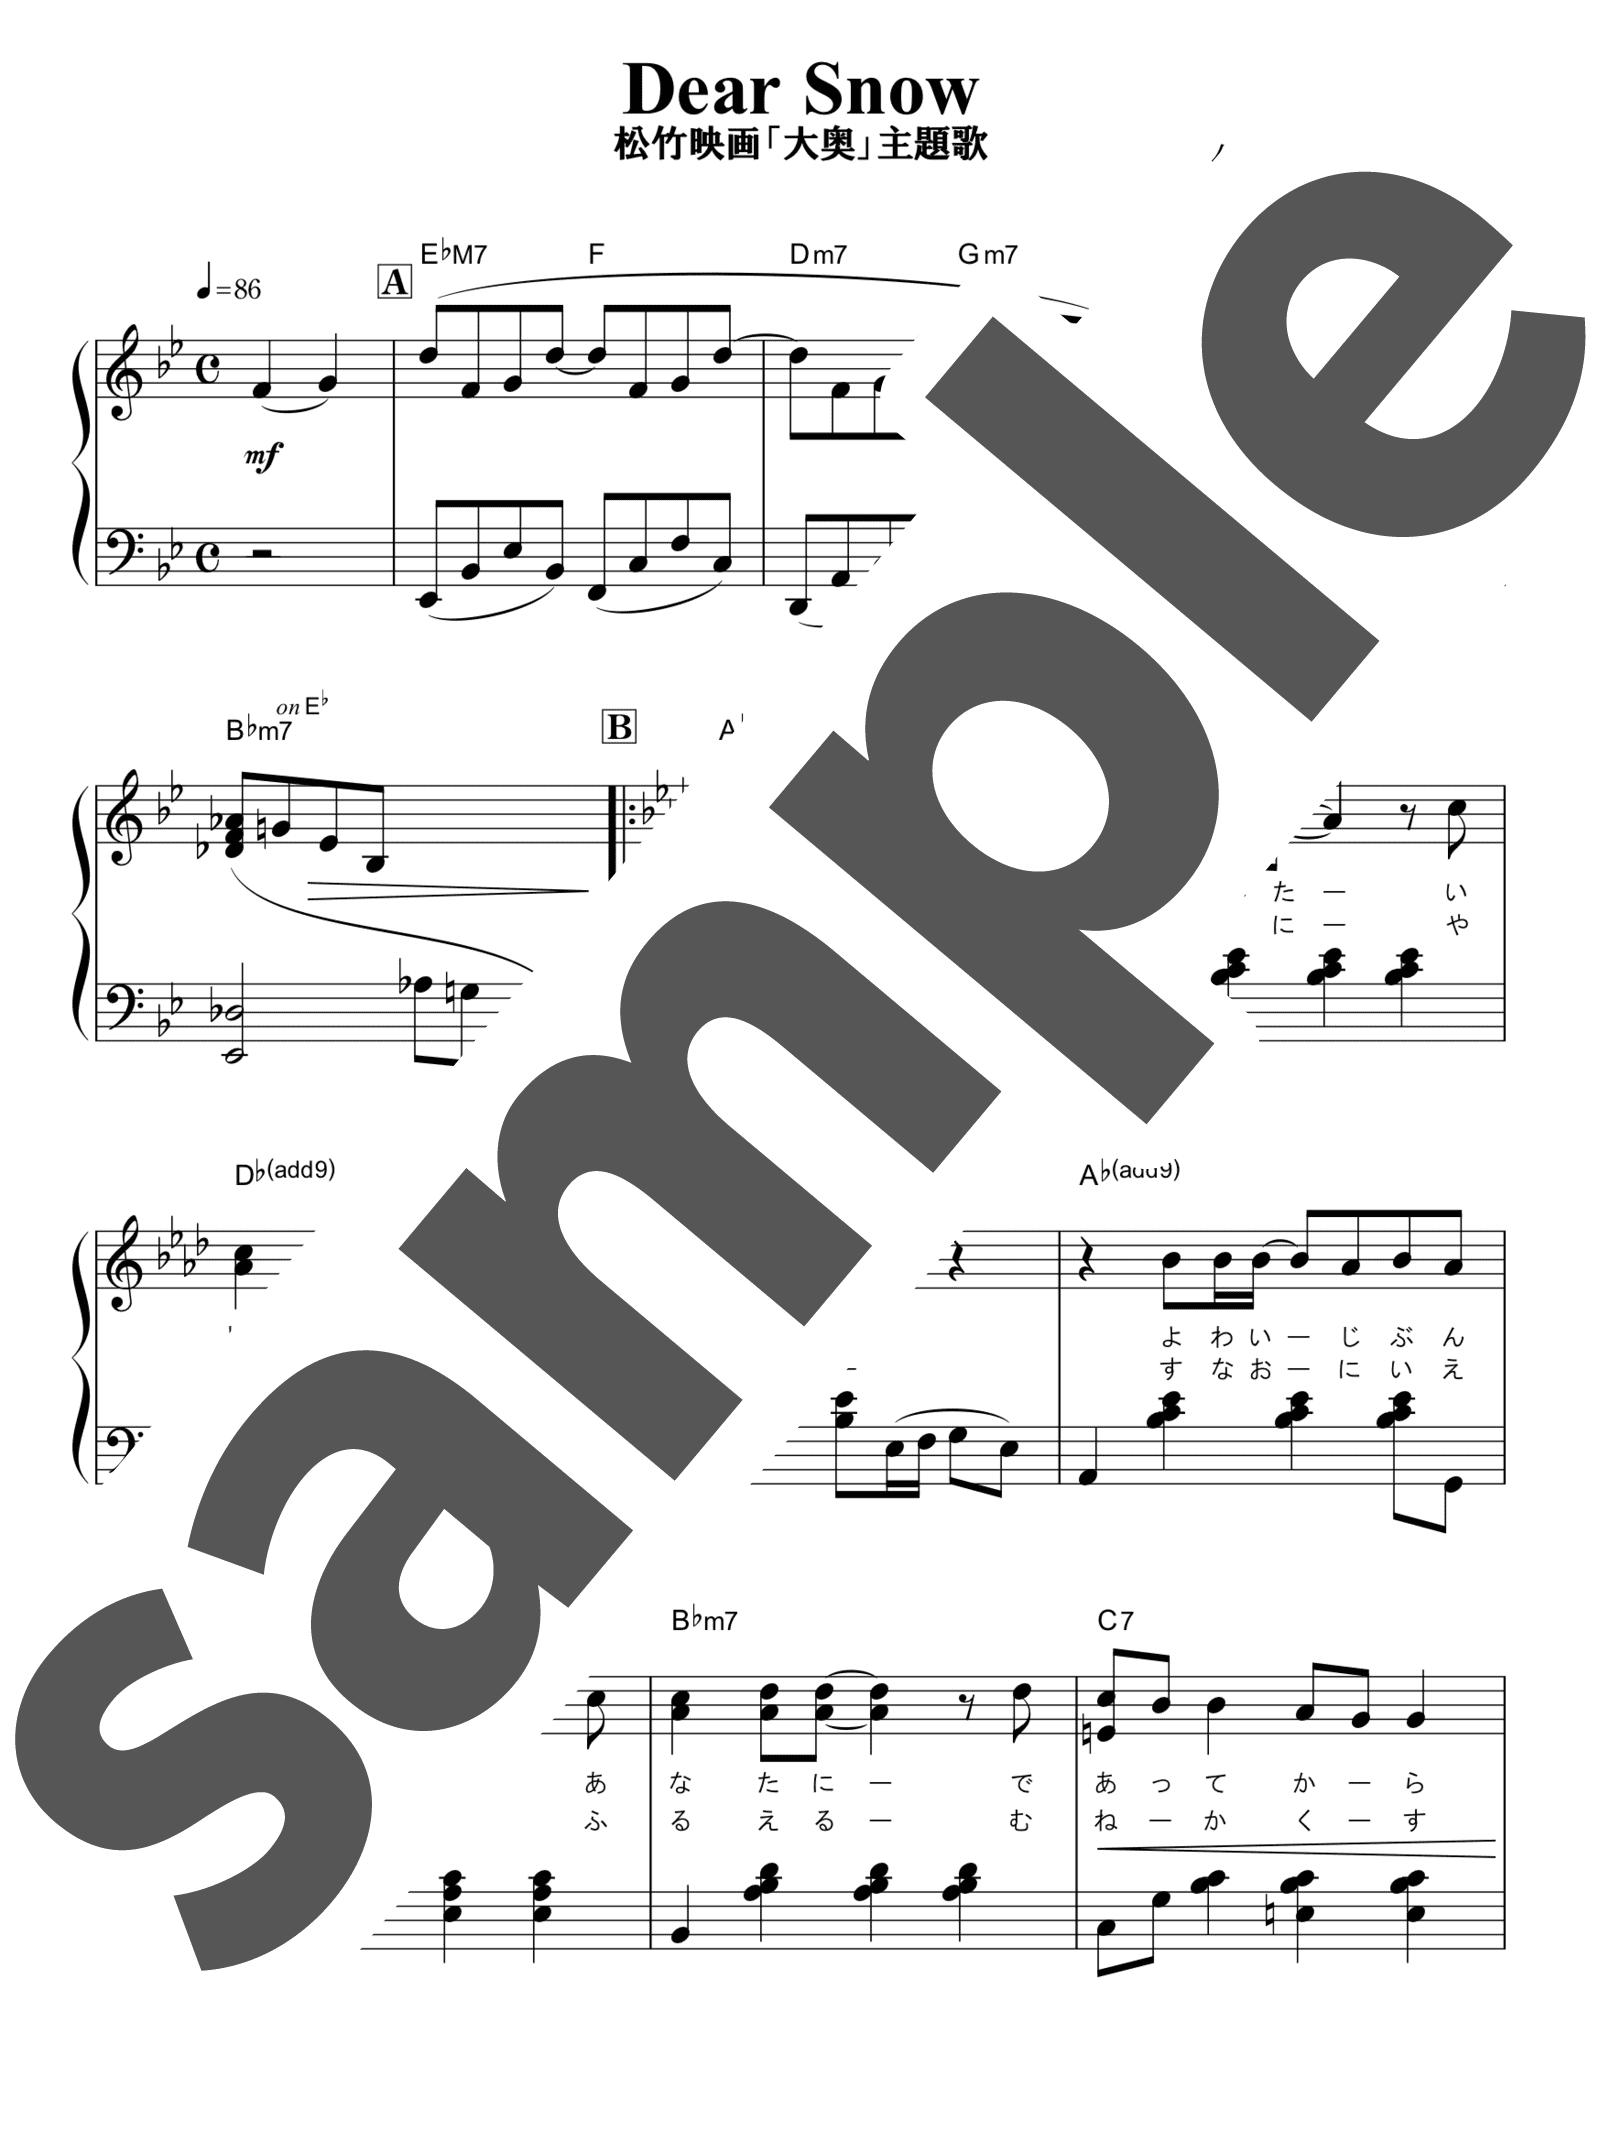 「Dear Snow」のサンプル楽譜